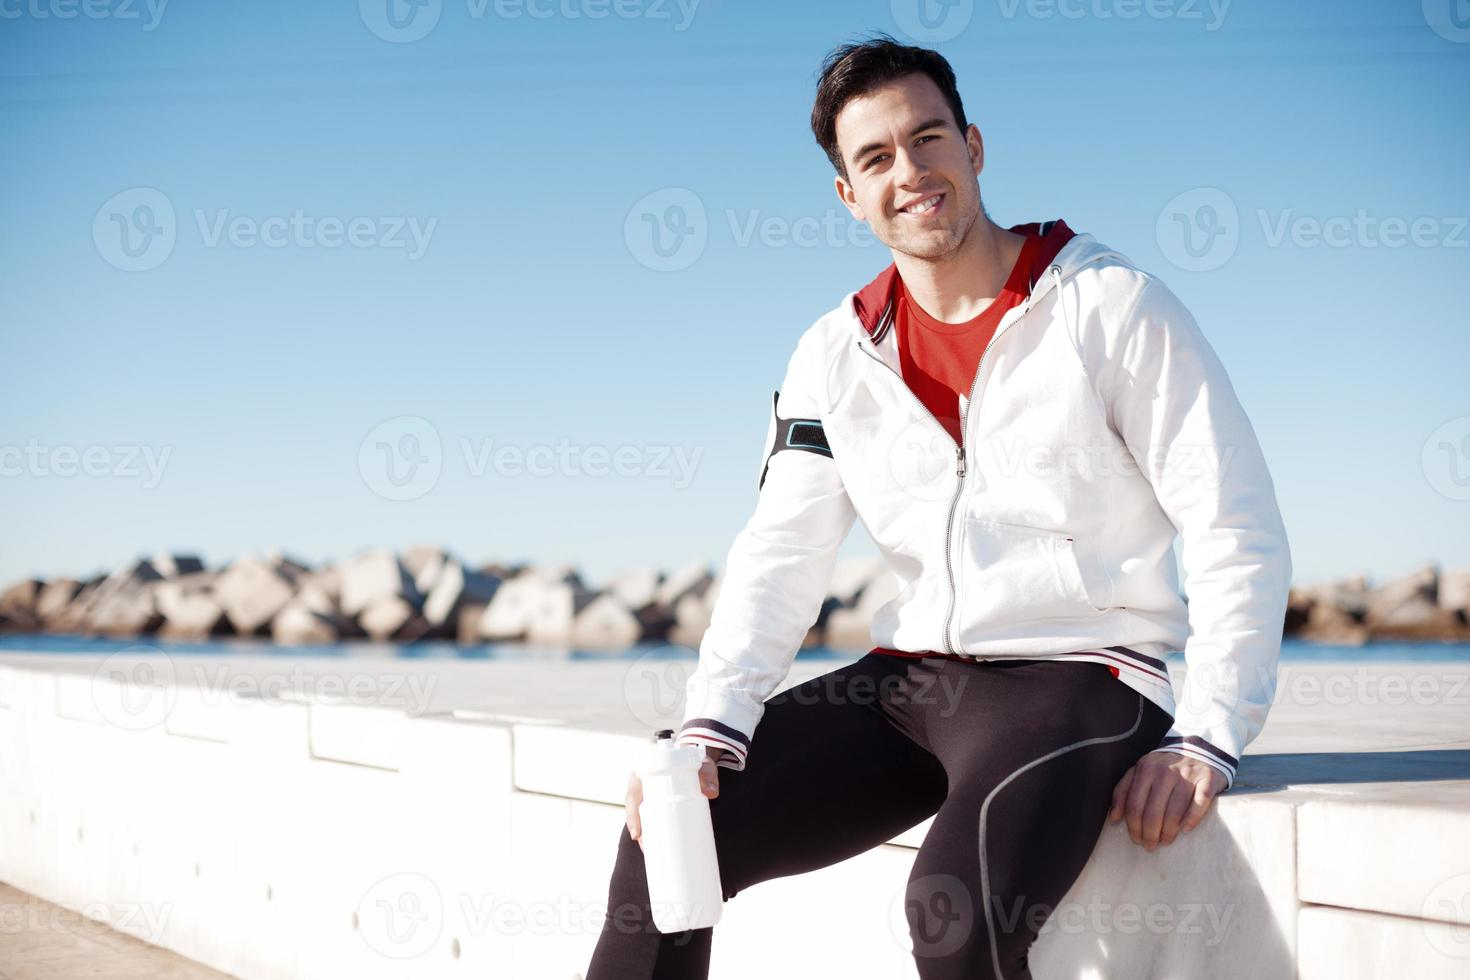 athlète avec une bouteille d'eau relaxante après l'entraînement photo